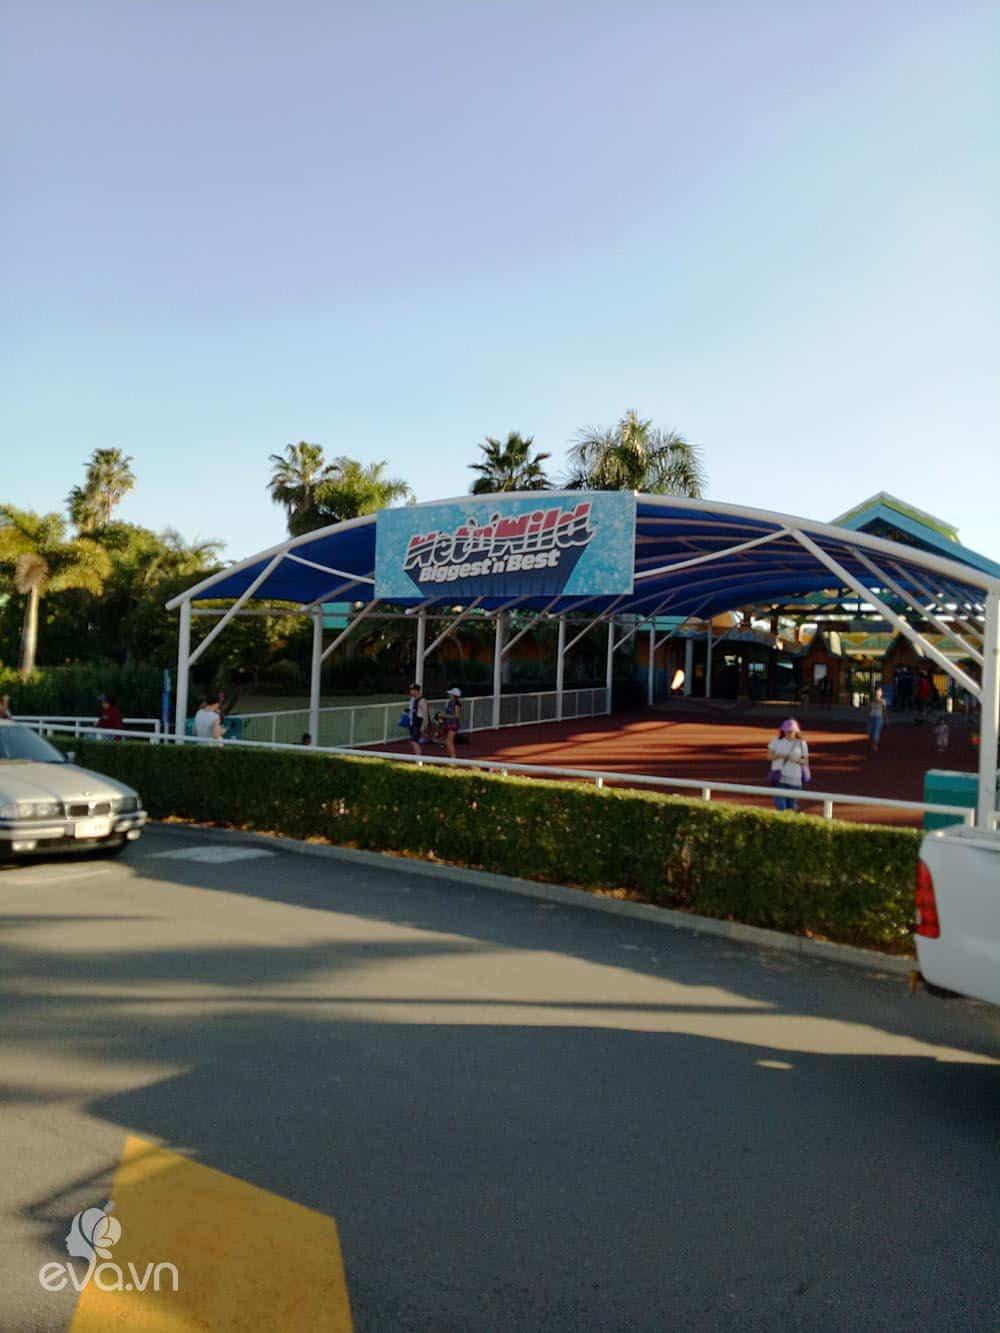 Dạo chơi 2 công viên giải trí cực xịn ở Gold Coast - Úc - 8